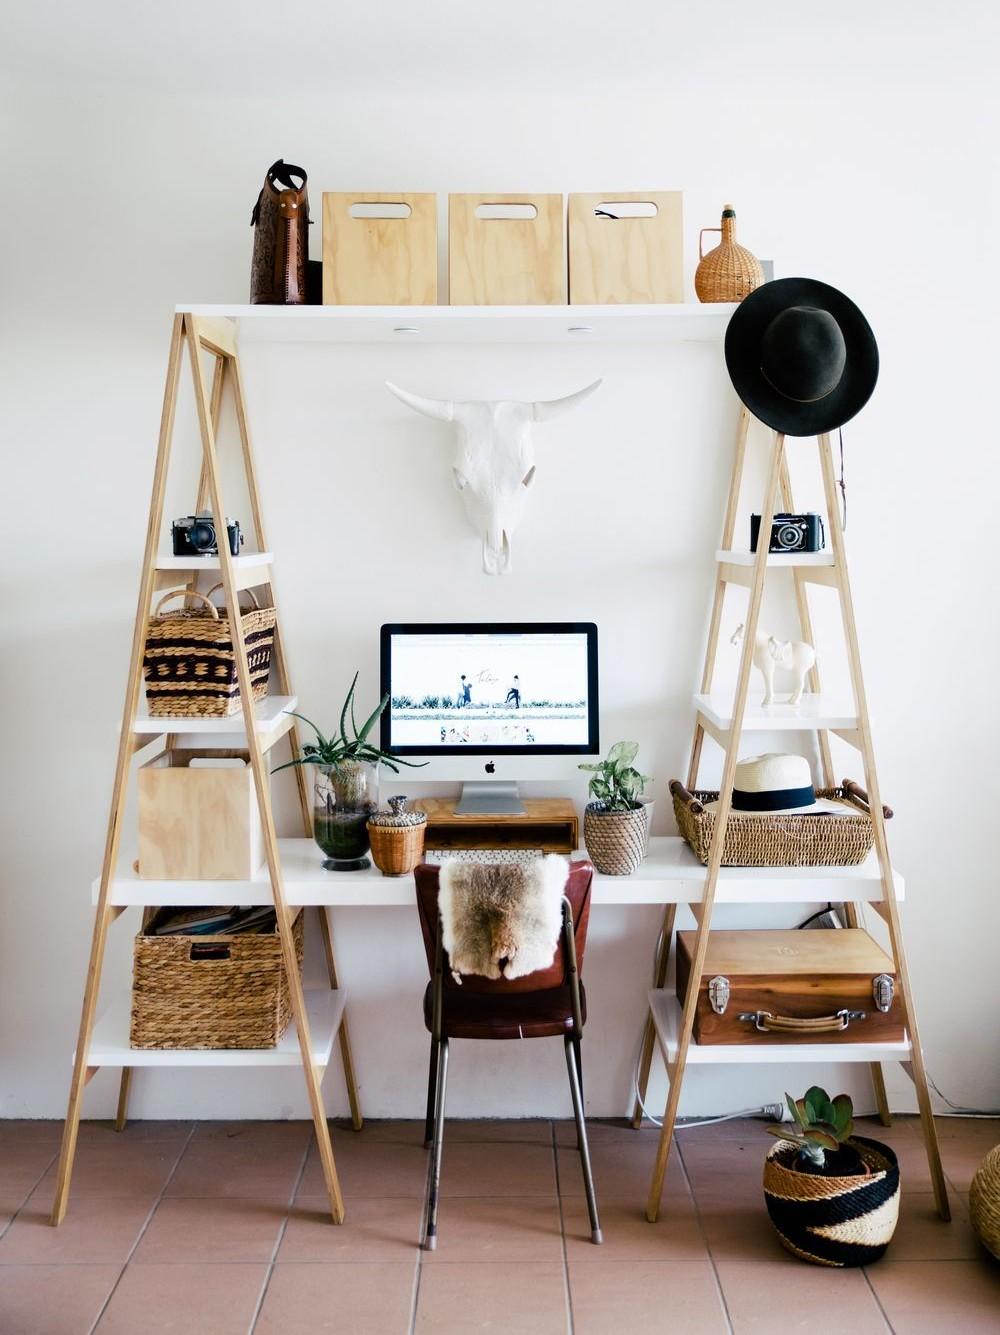 Guia de decoração com cavaletes de madeira